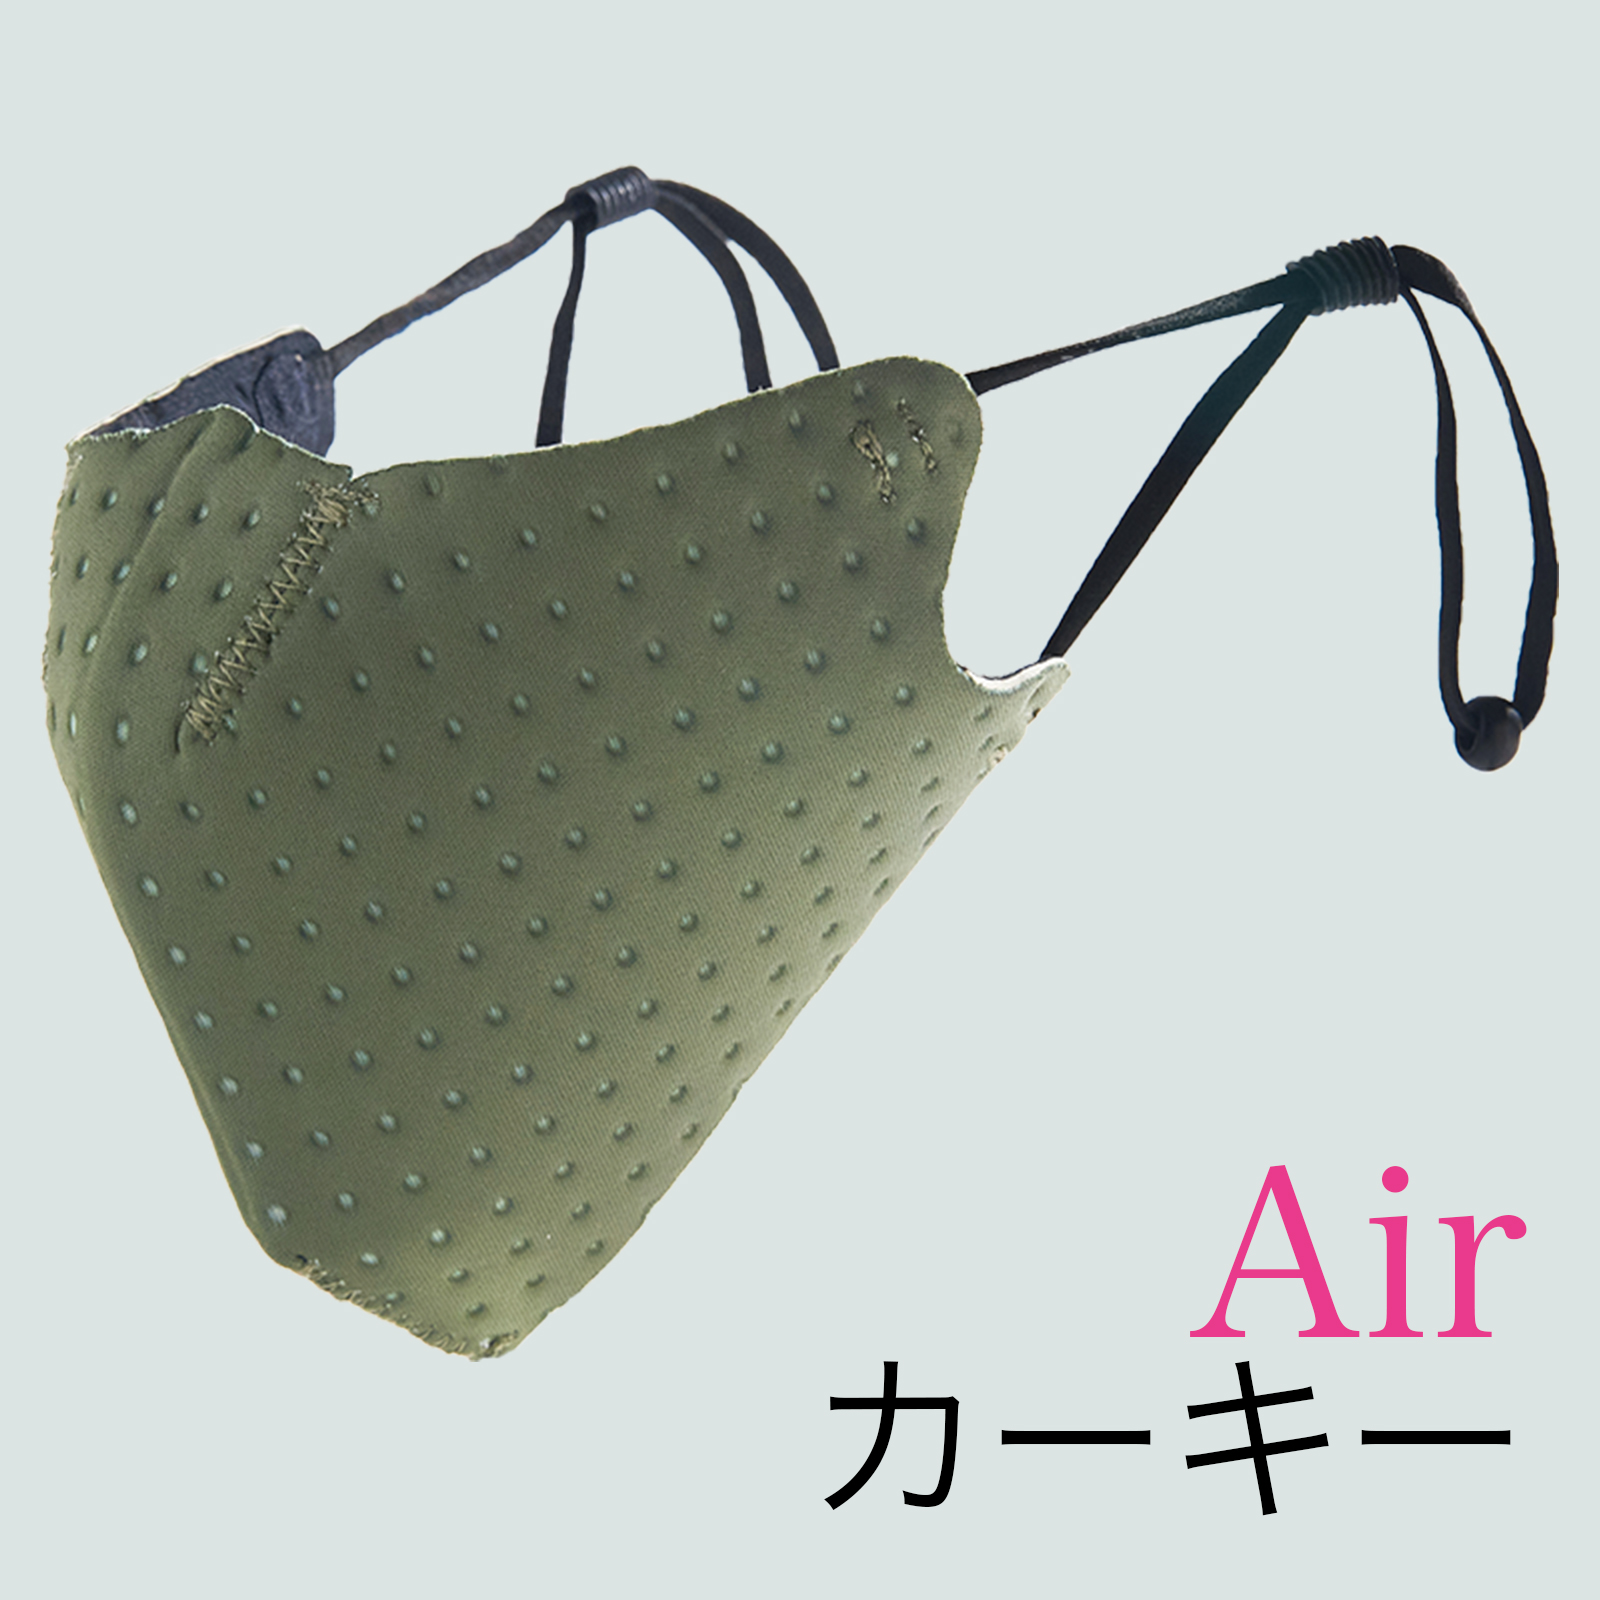 【4個セット】呼吸 Co-que Air お得な4個セット【選べるカラー】【送料無料】